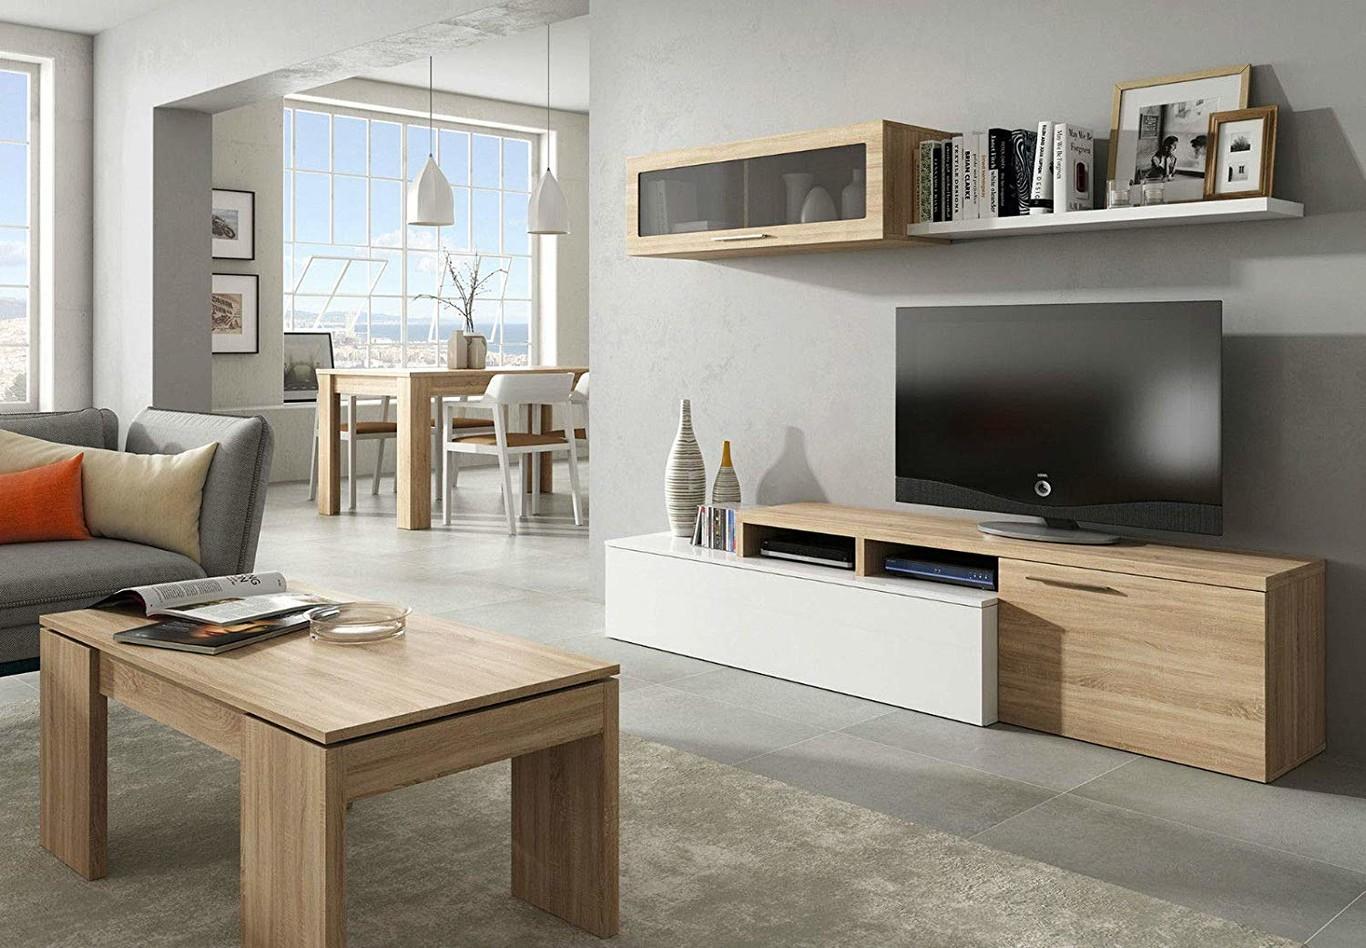 Mueble Auxiliar Cocina Ikea   Armario Auxiliar Cocina Amazon Mueble Auxiliar Cocina Full Size Of